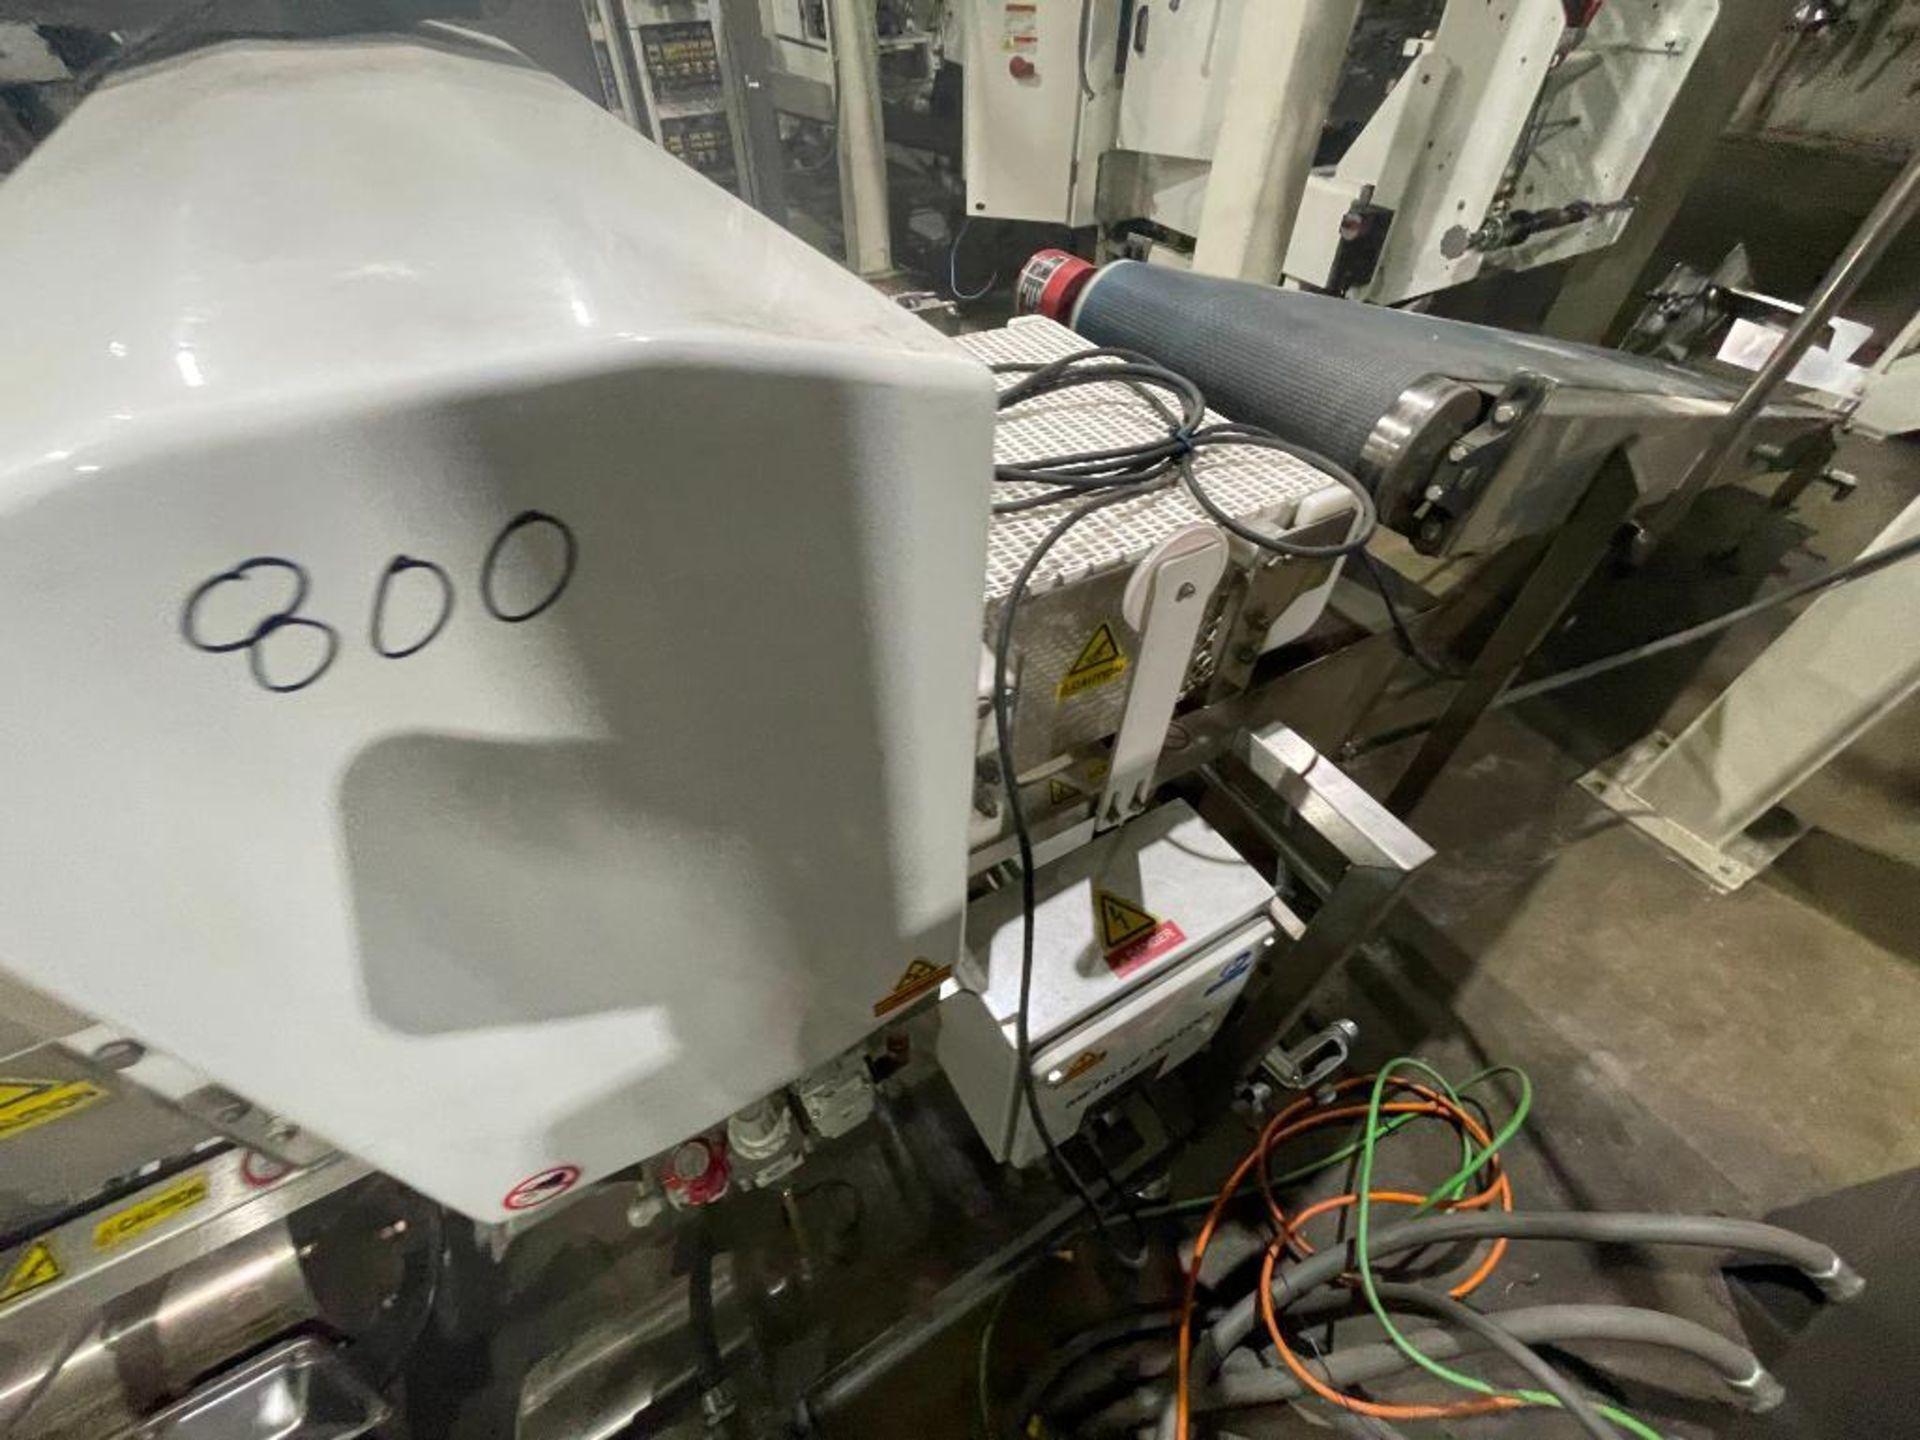 2016 Mettler Toledo metal detector, model SL1500 - Image 12 of 16